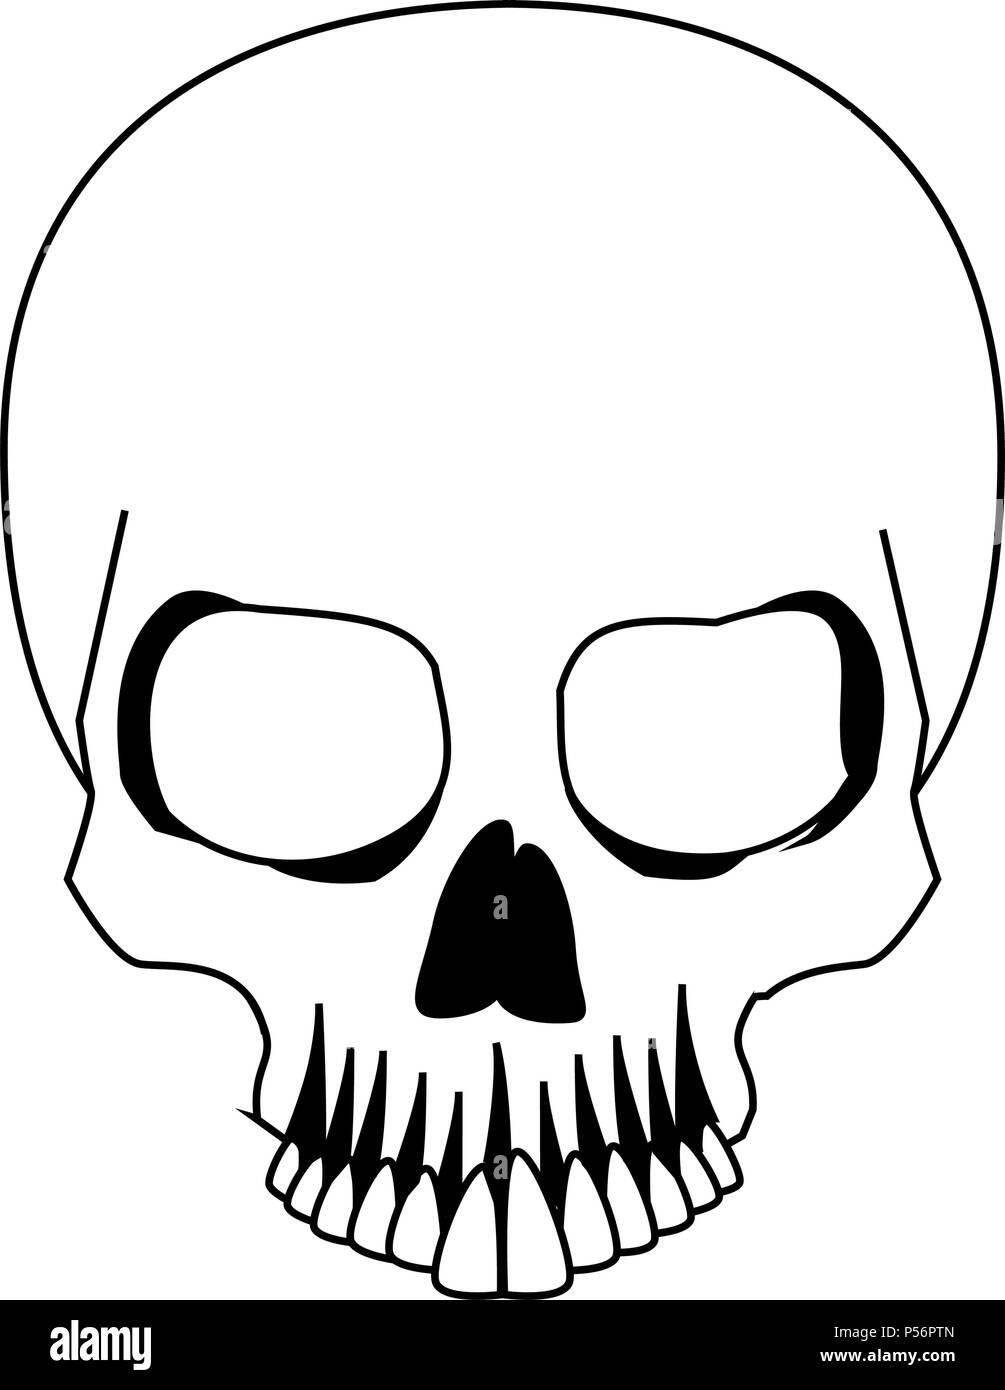 Tolle Menschlicher Schädel Anatomie Quiz Zeitgenössisch - Anatomie ...